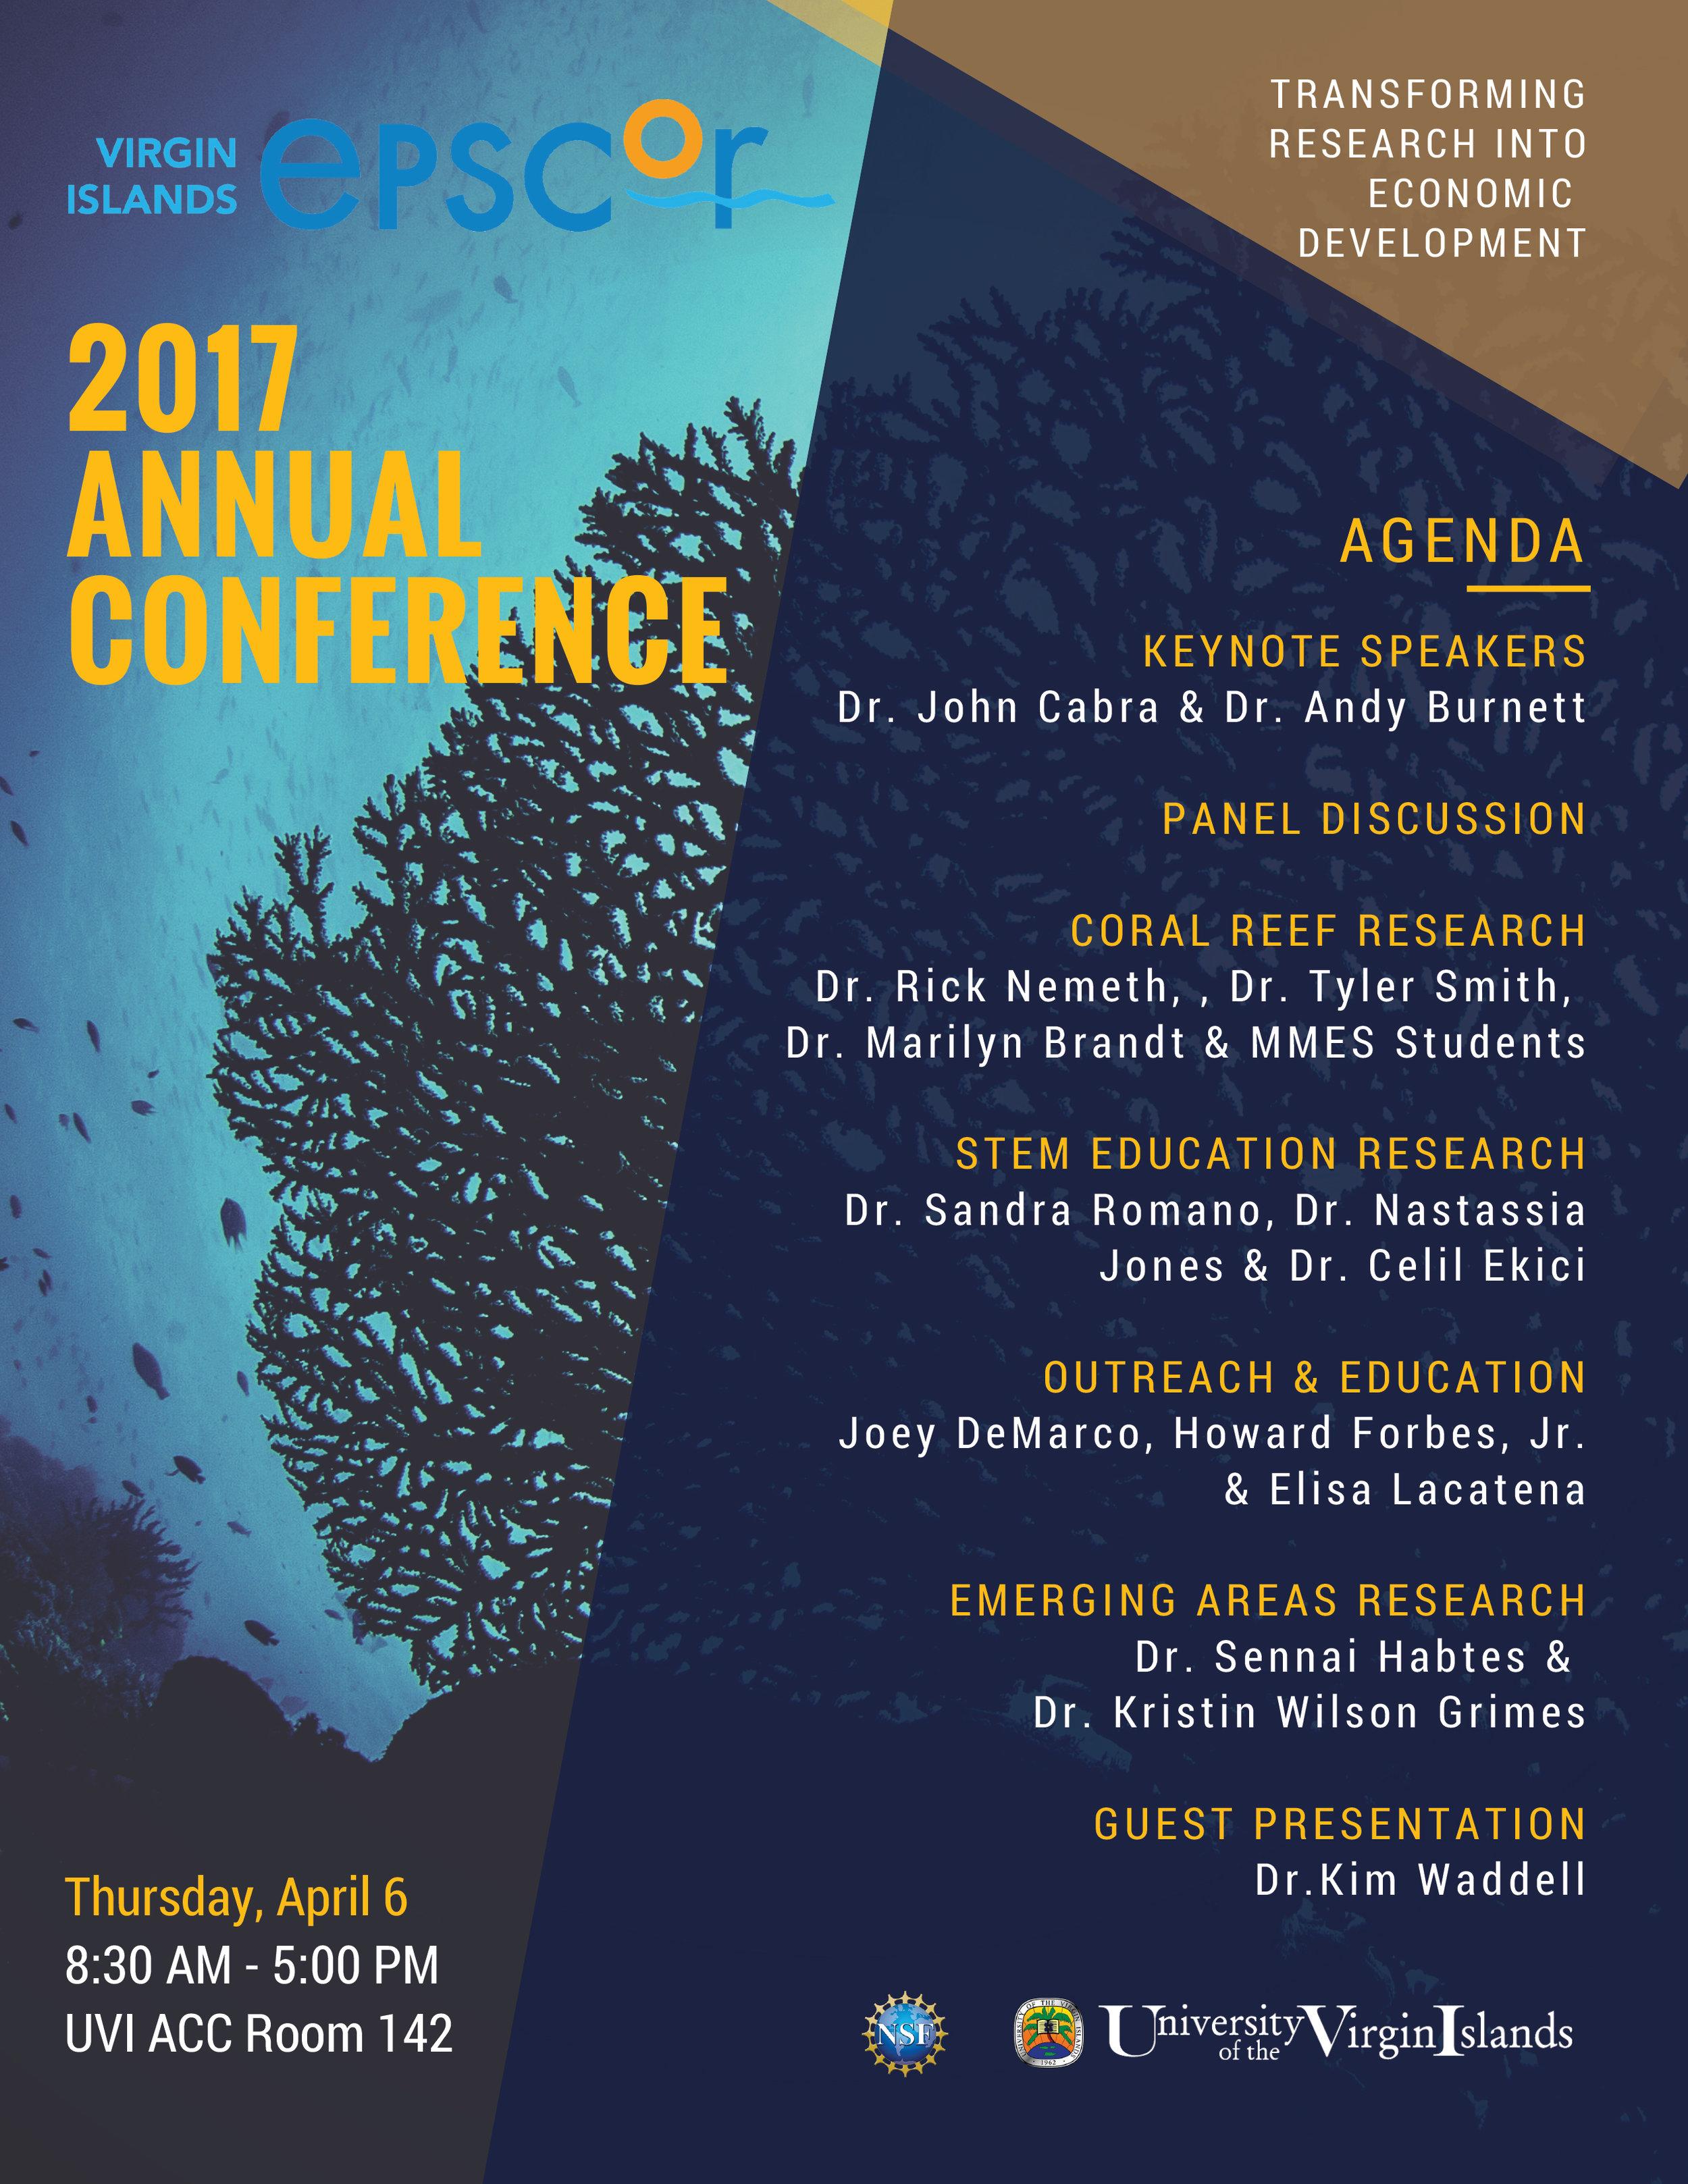 2017 Annual Conference Agenda